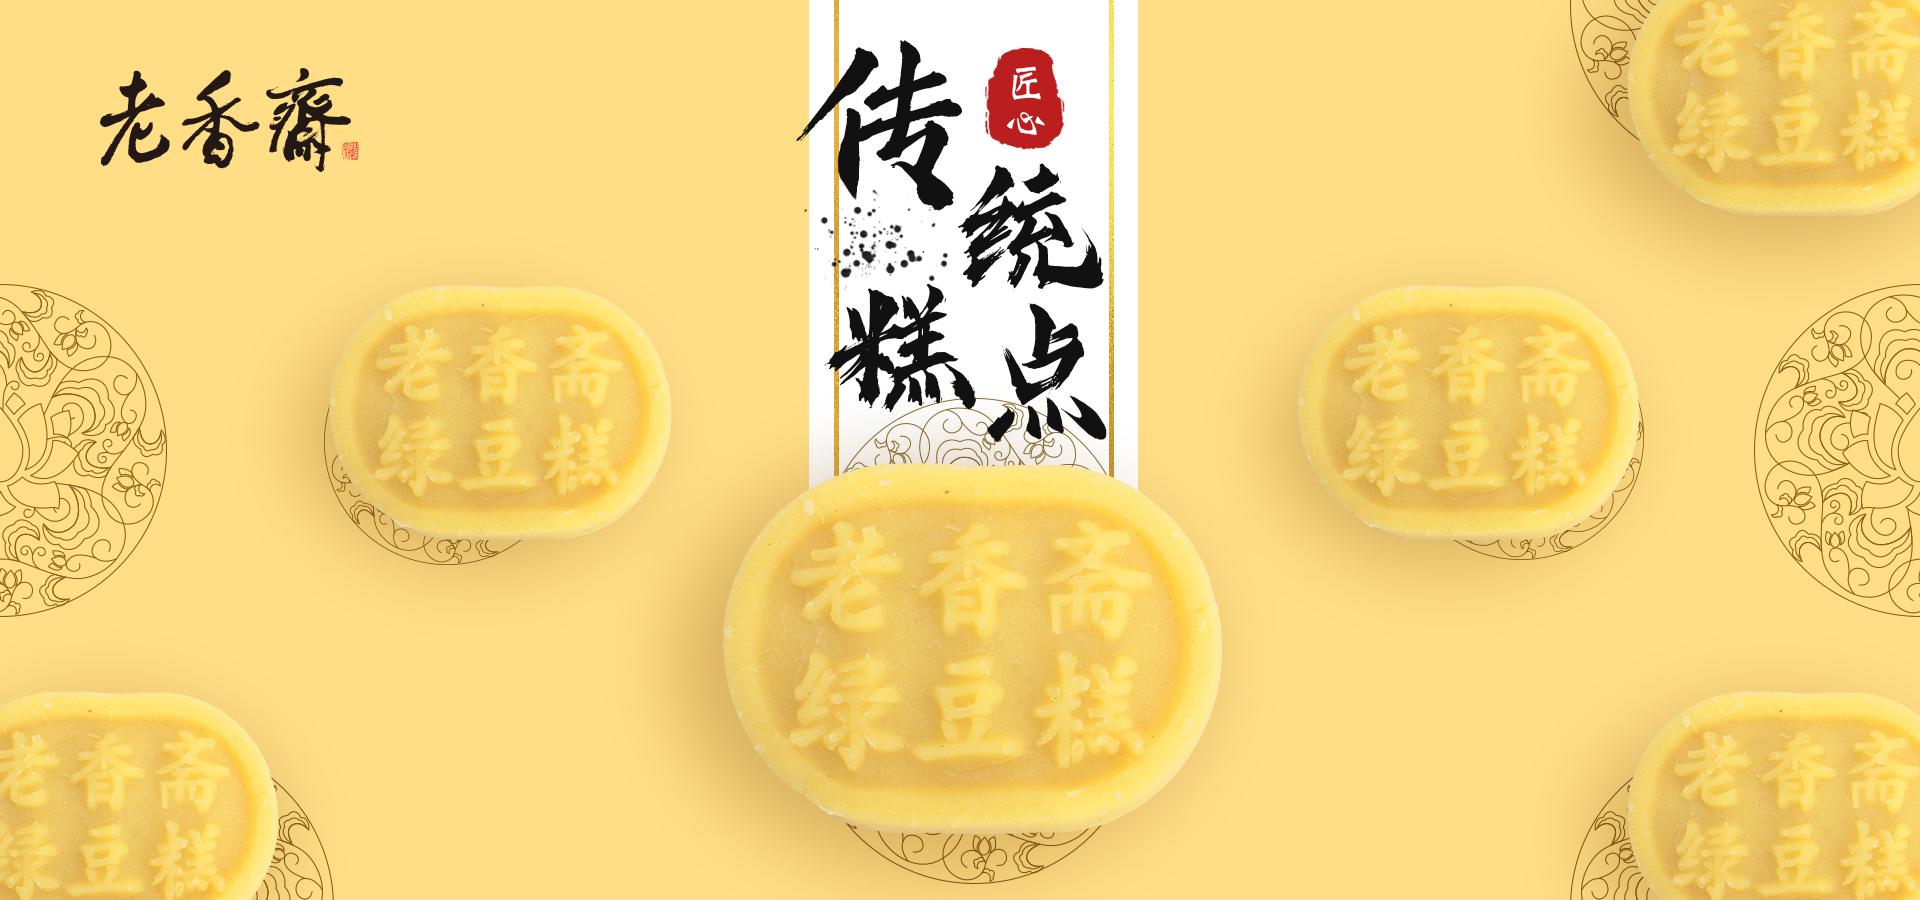 上海LD乐动体育网址食品有限公司